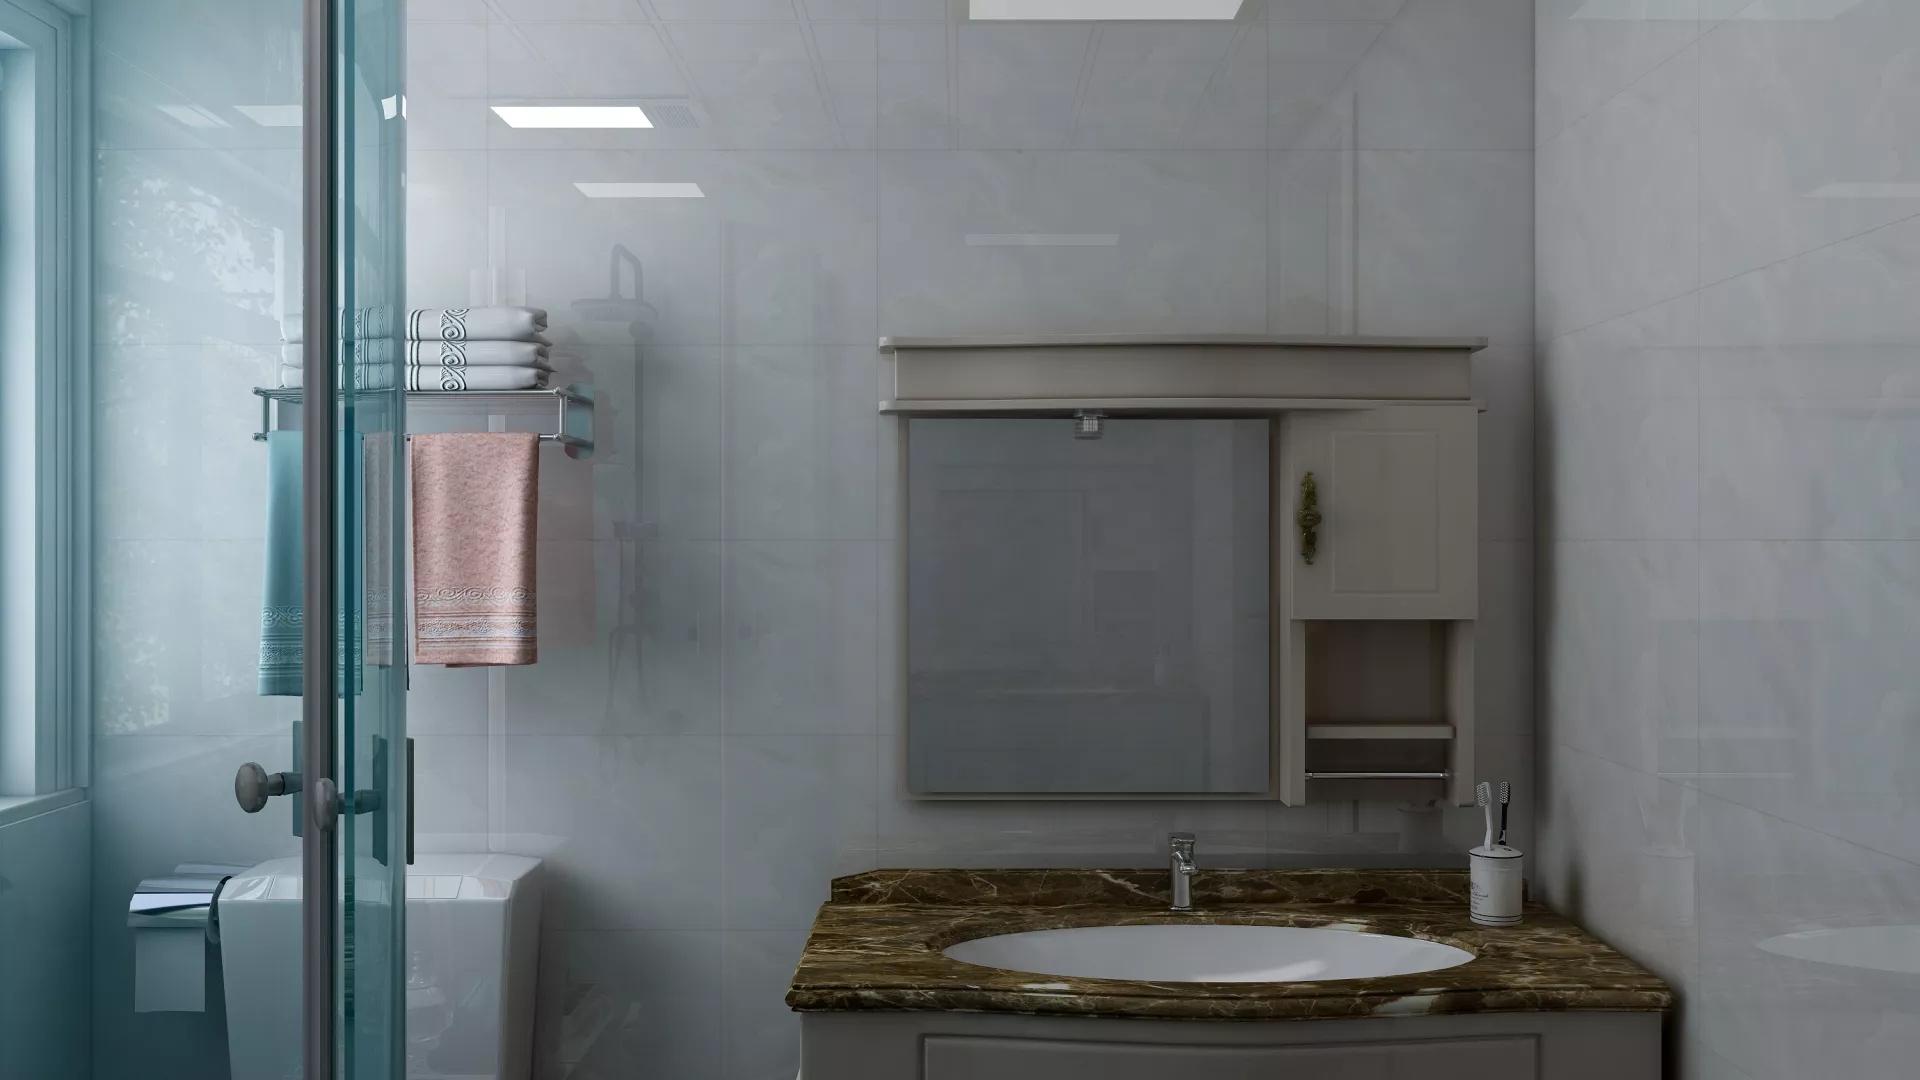 客厅背景墙炫酷风格设计 客厅背景墙如何设计